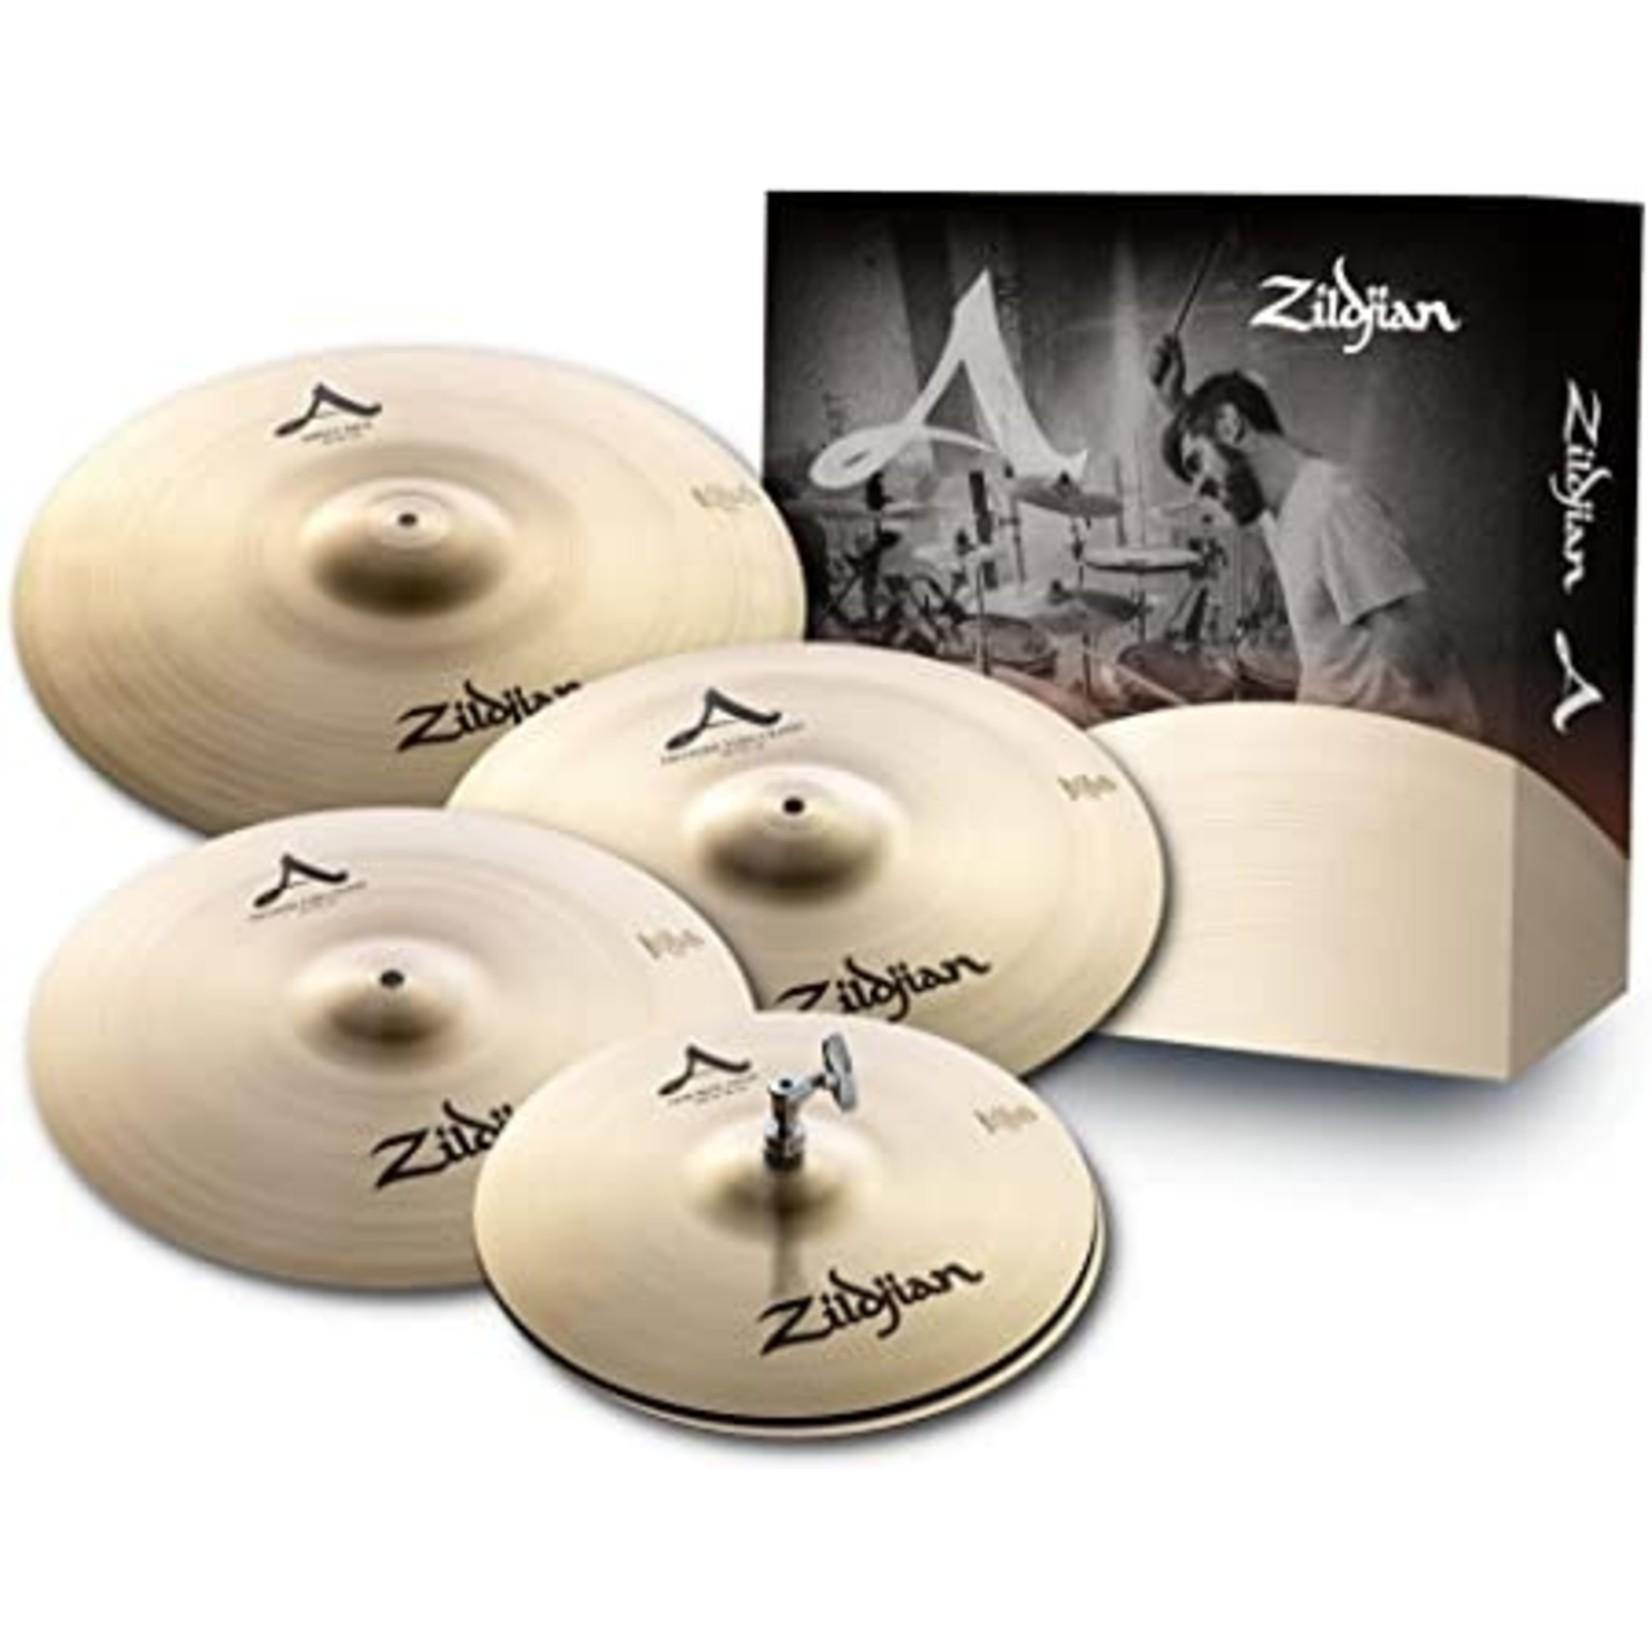 Zildjian Zildjian A Zildjian Sweet Ride Cymbal Pack